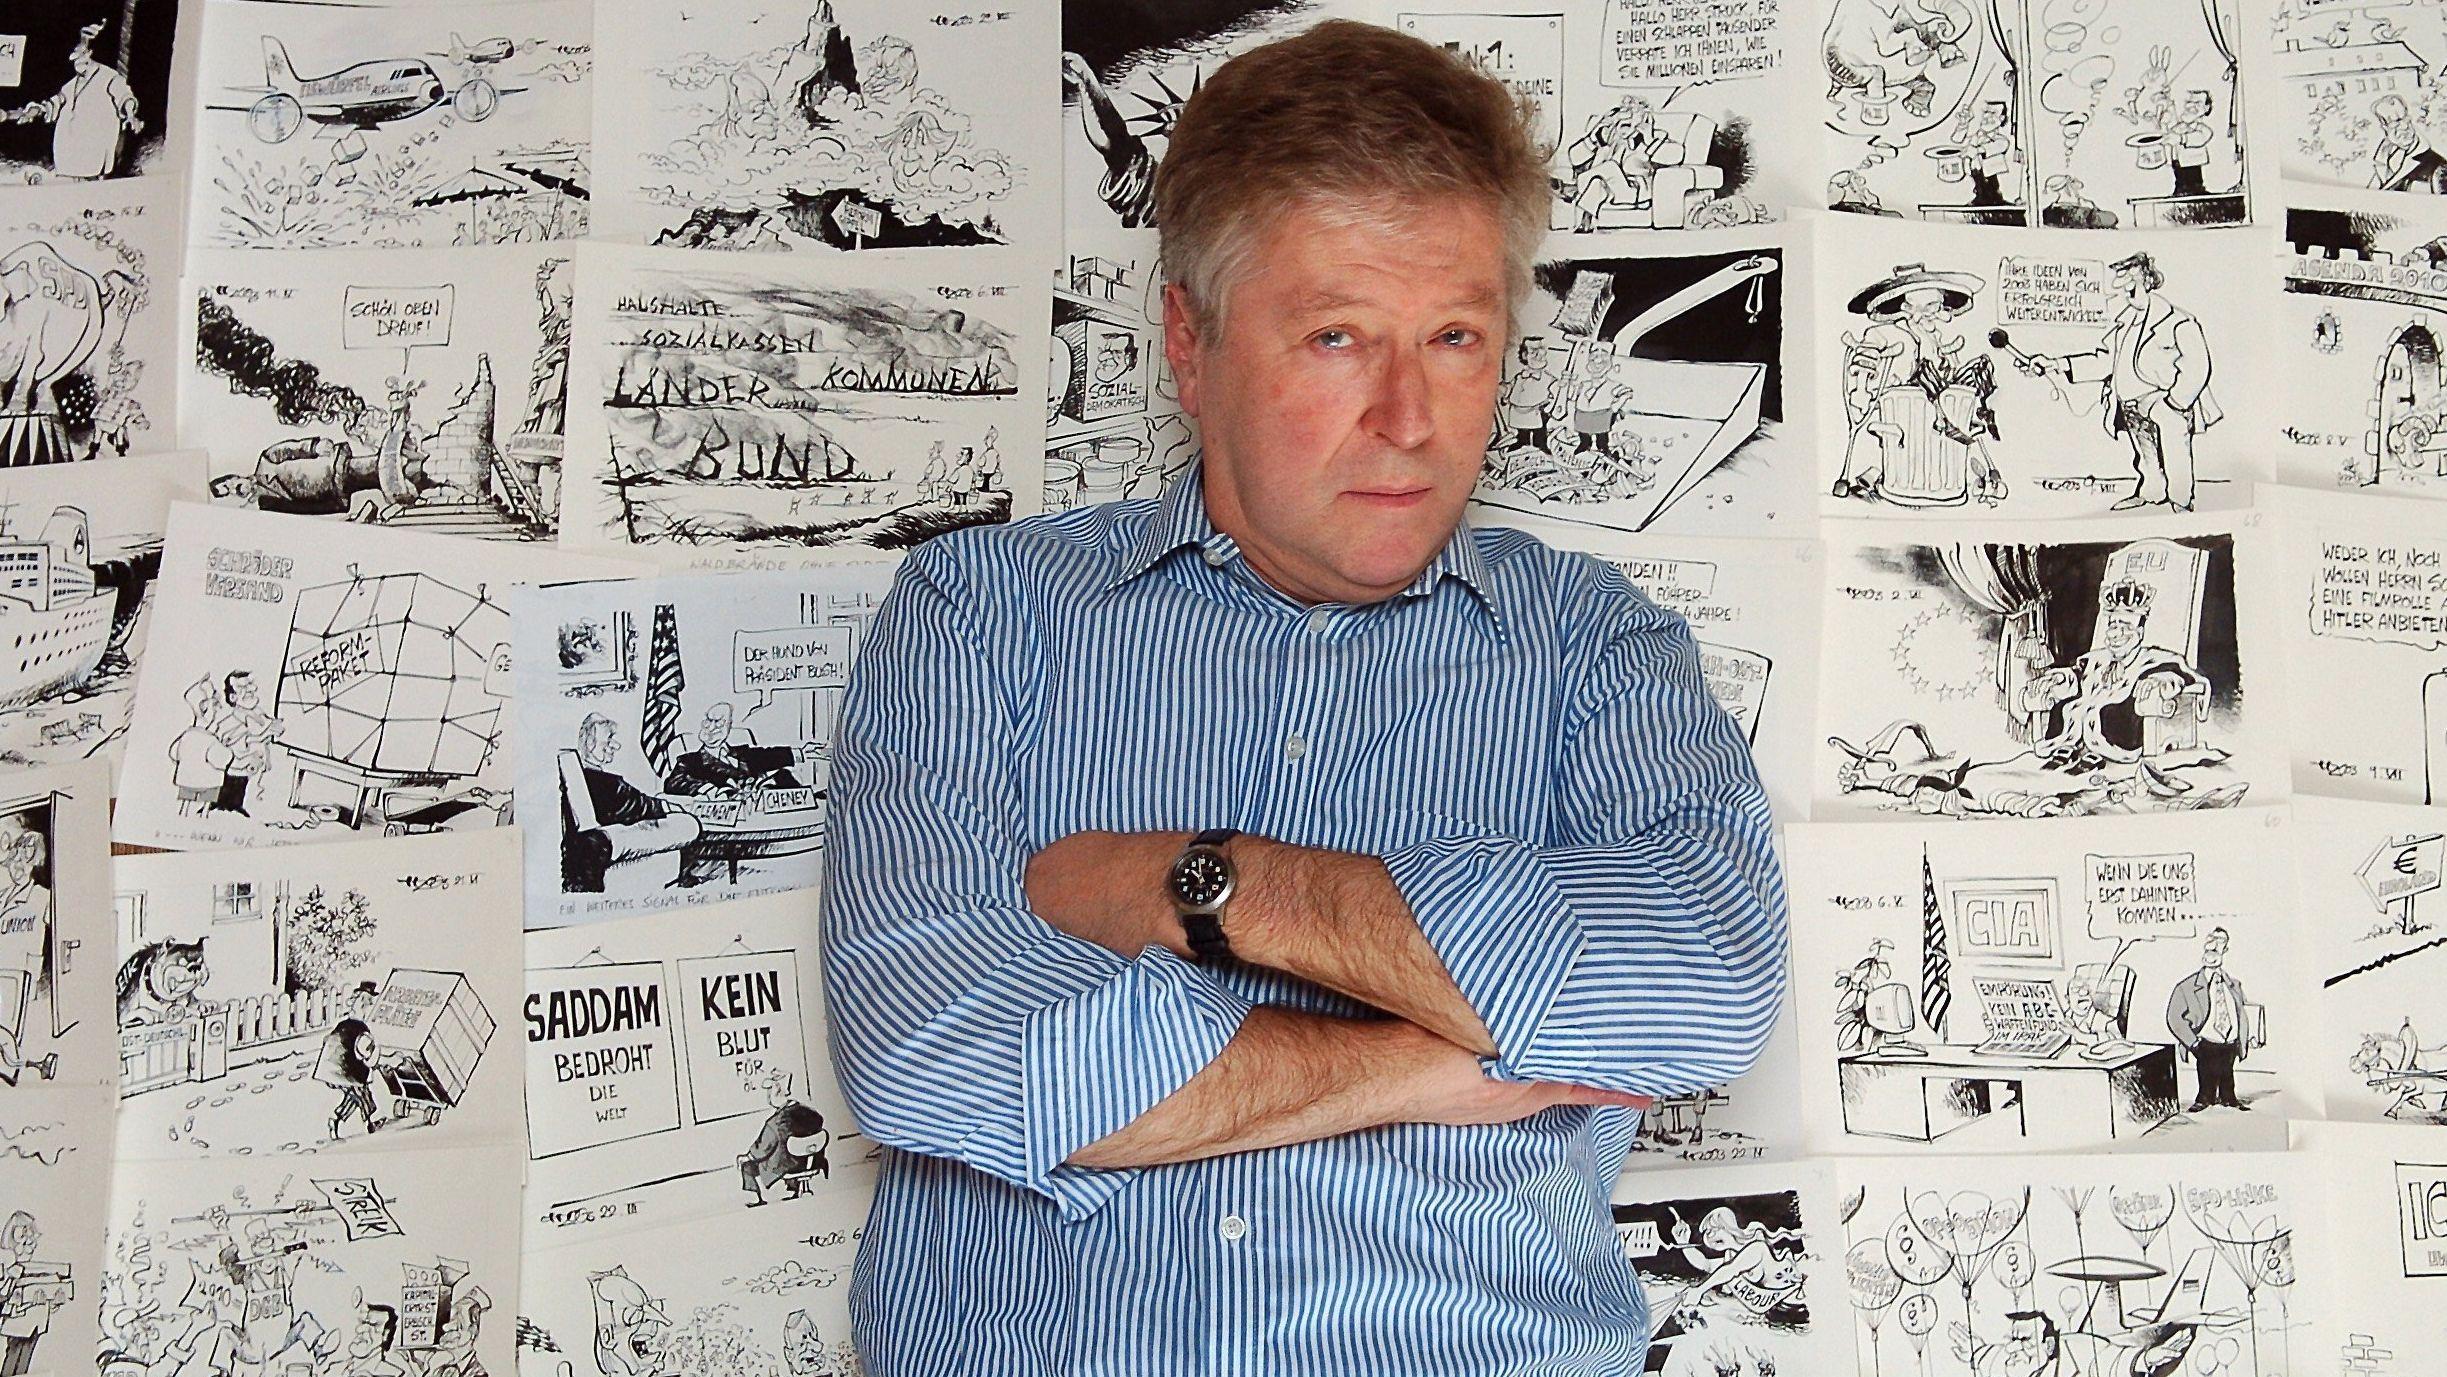 Der Karikaturist Horst Haitzinger und seine Karikaturen